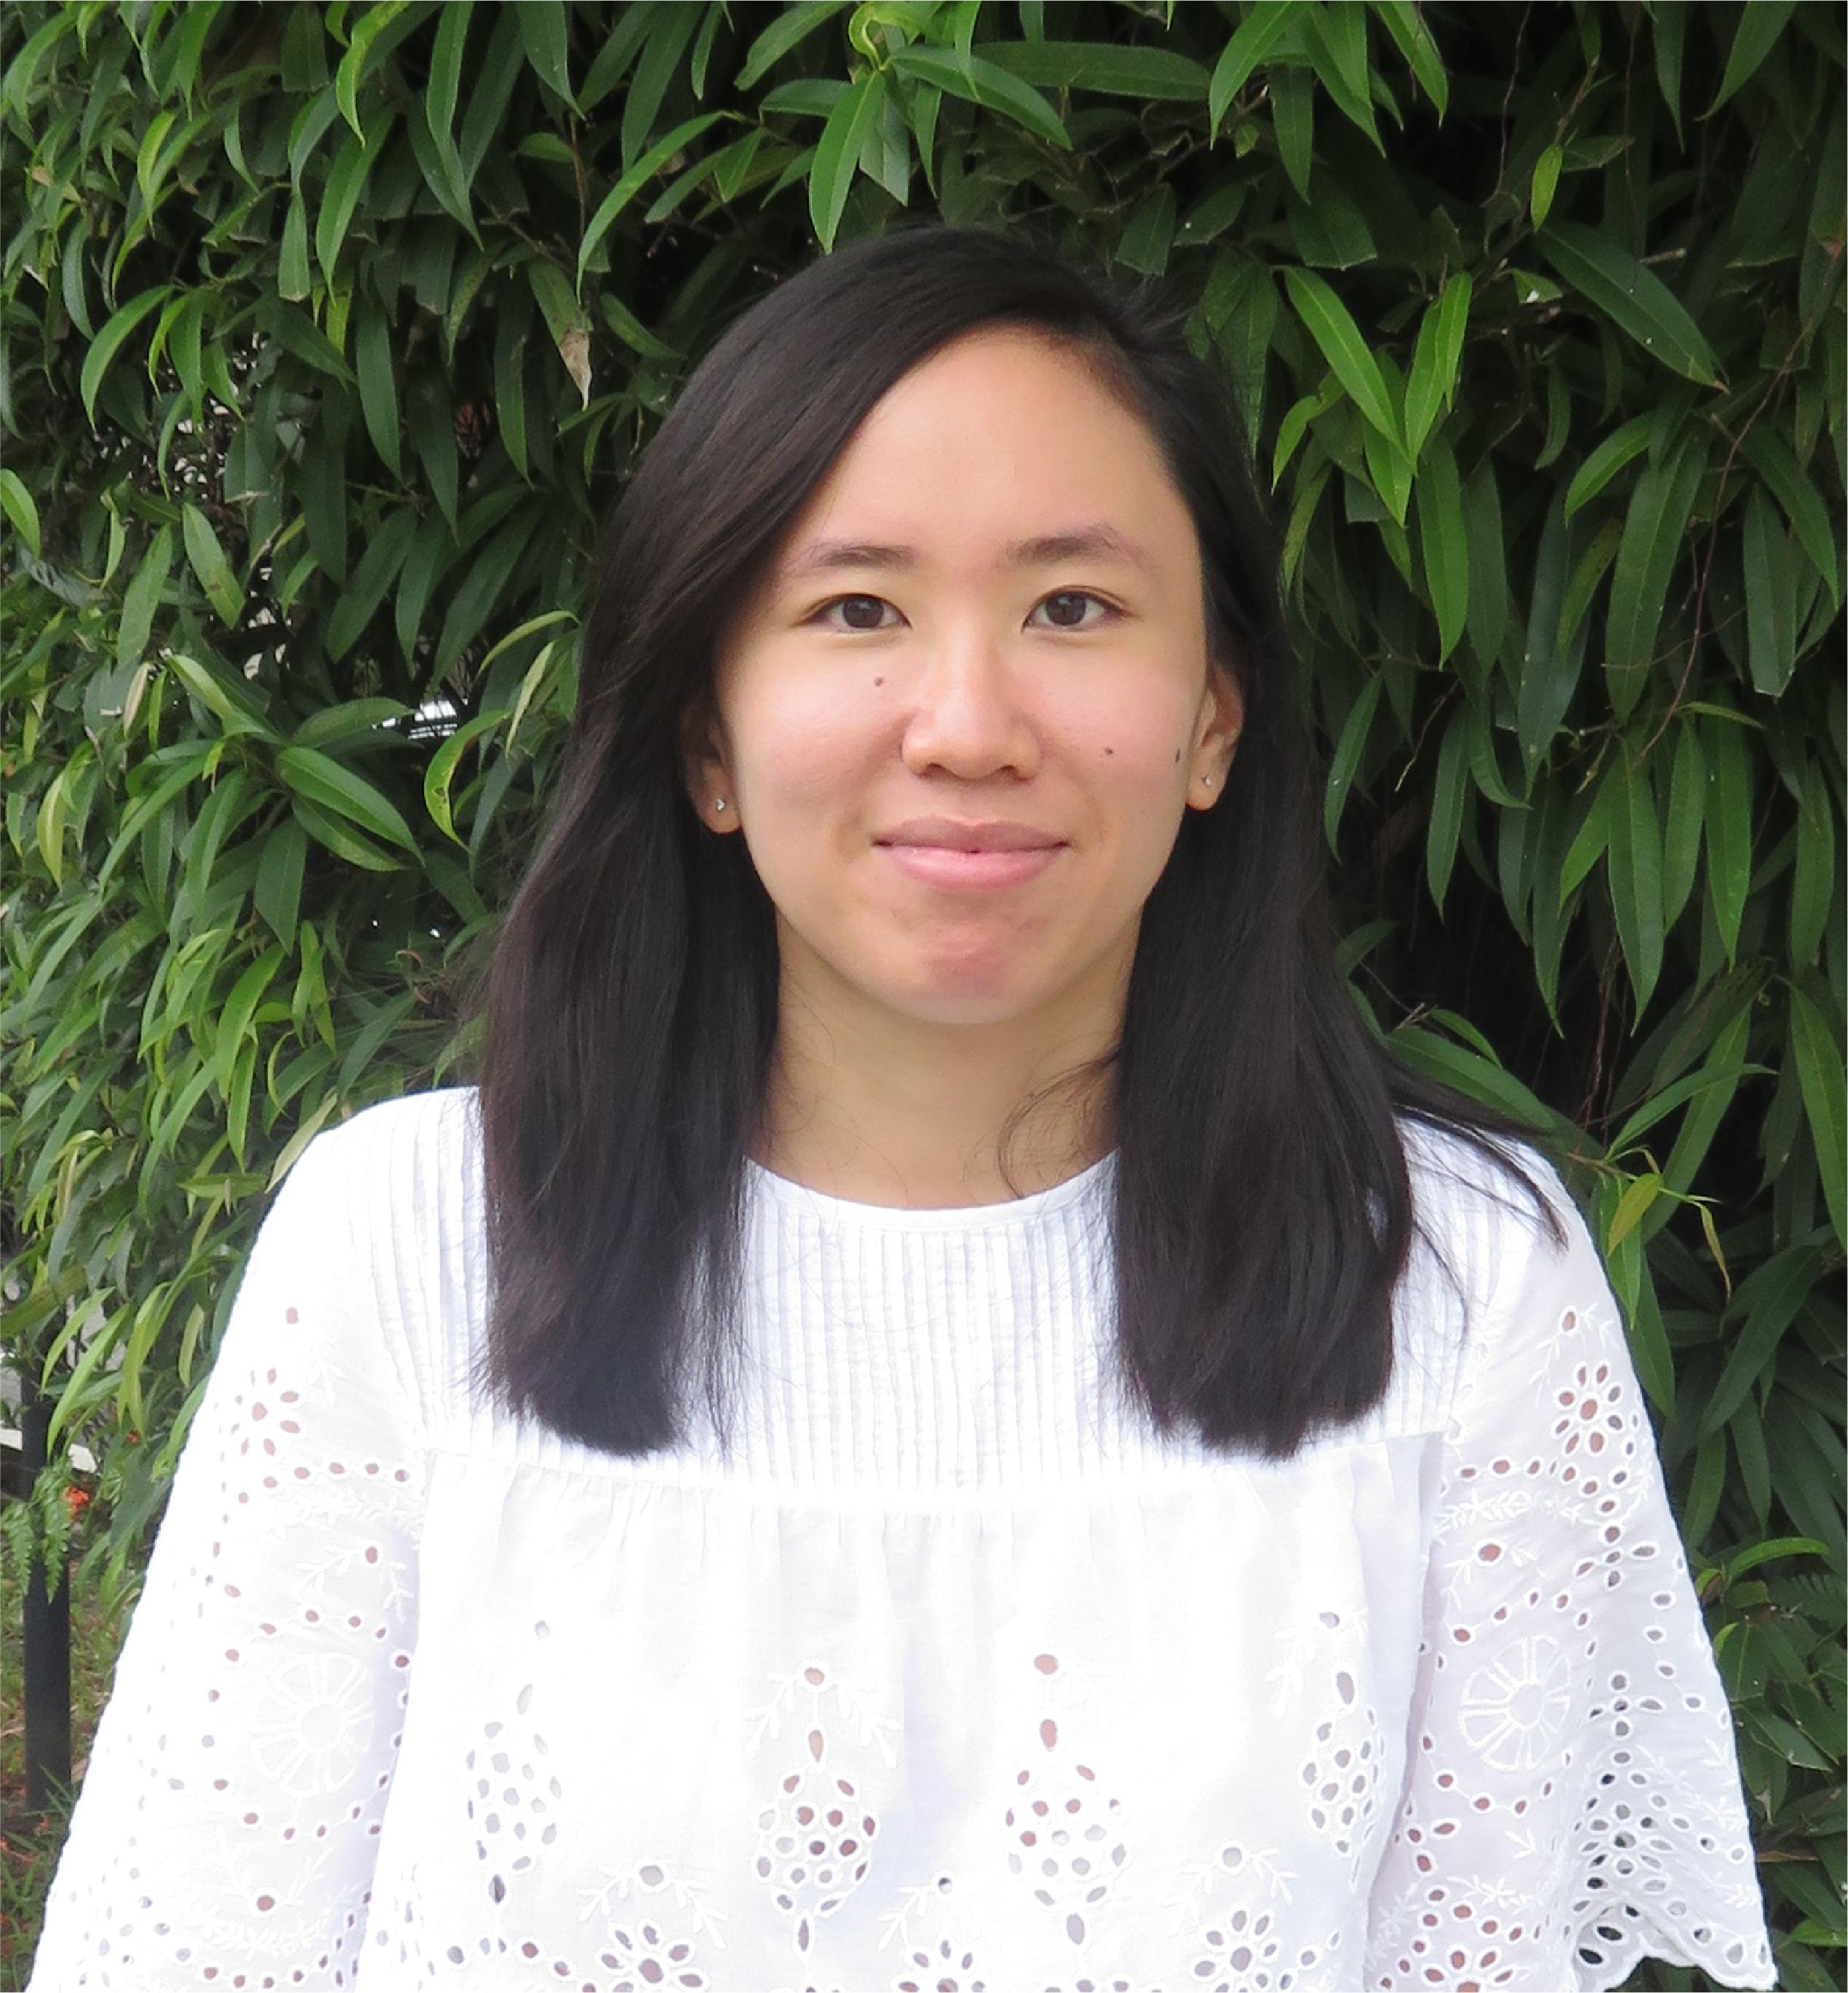 Rachel Djuang